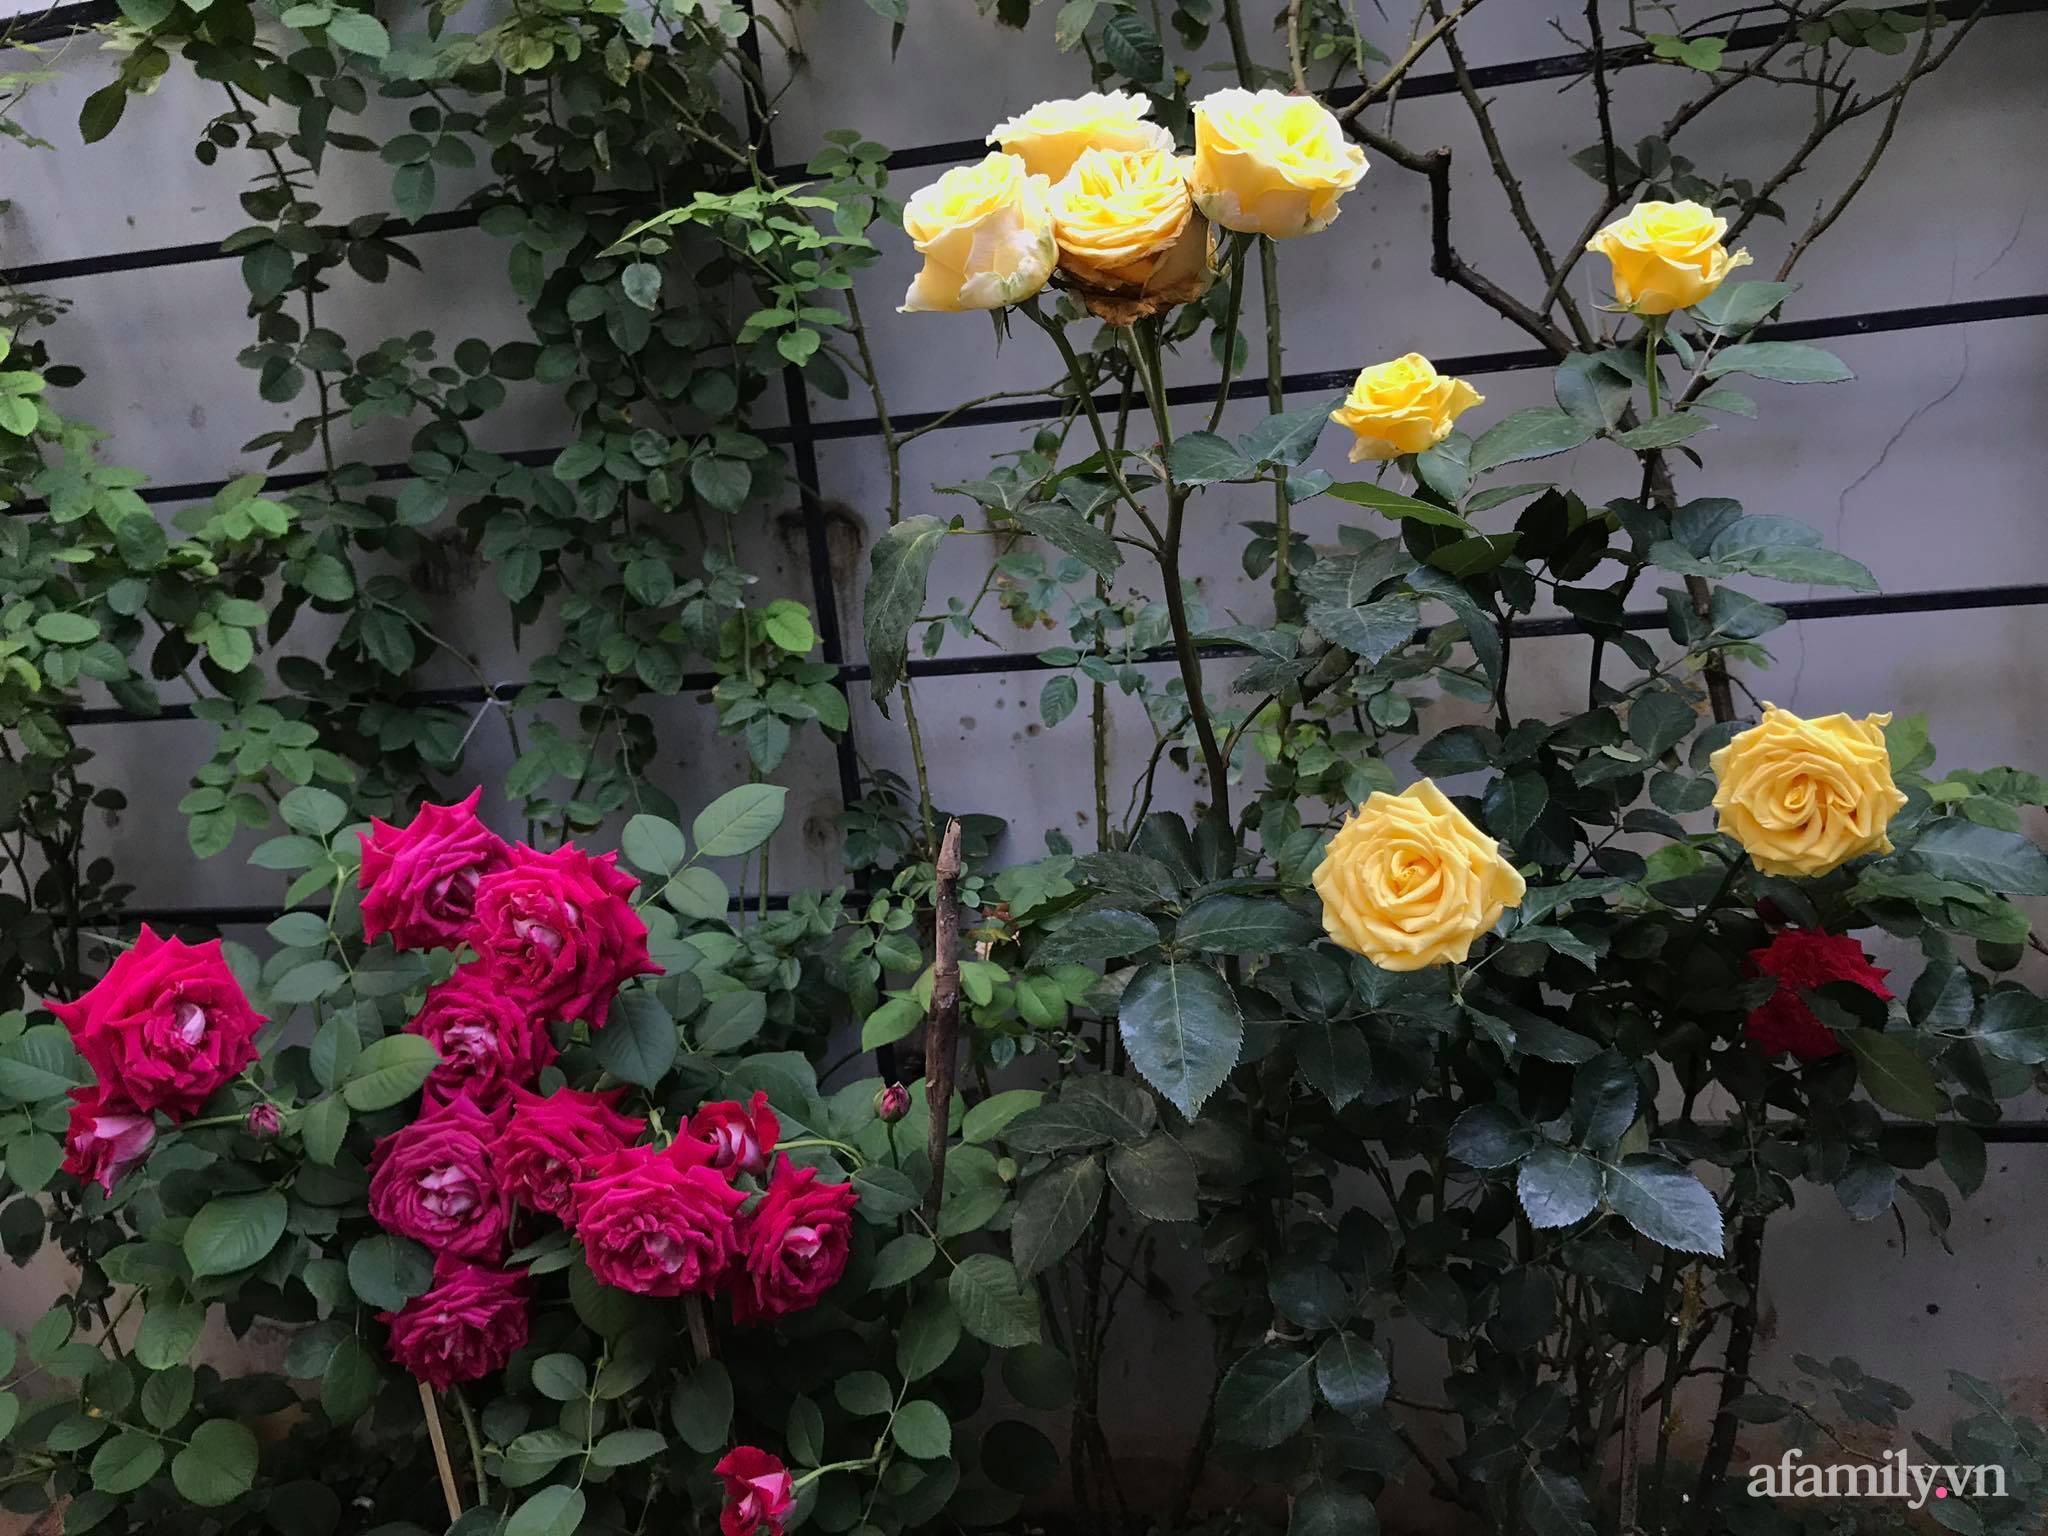 Vườn hồng rực rỡ tỏa sắc hương trước sân nhà đón hè sang của cặp vợ chồng trẻ Sải Gòn - Ảnh 10.